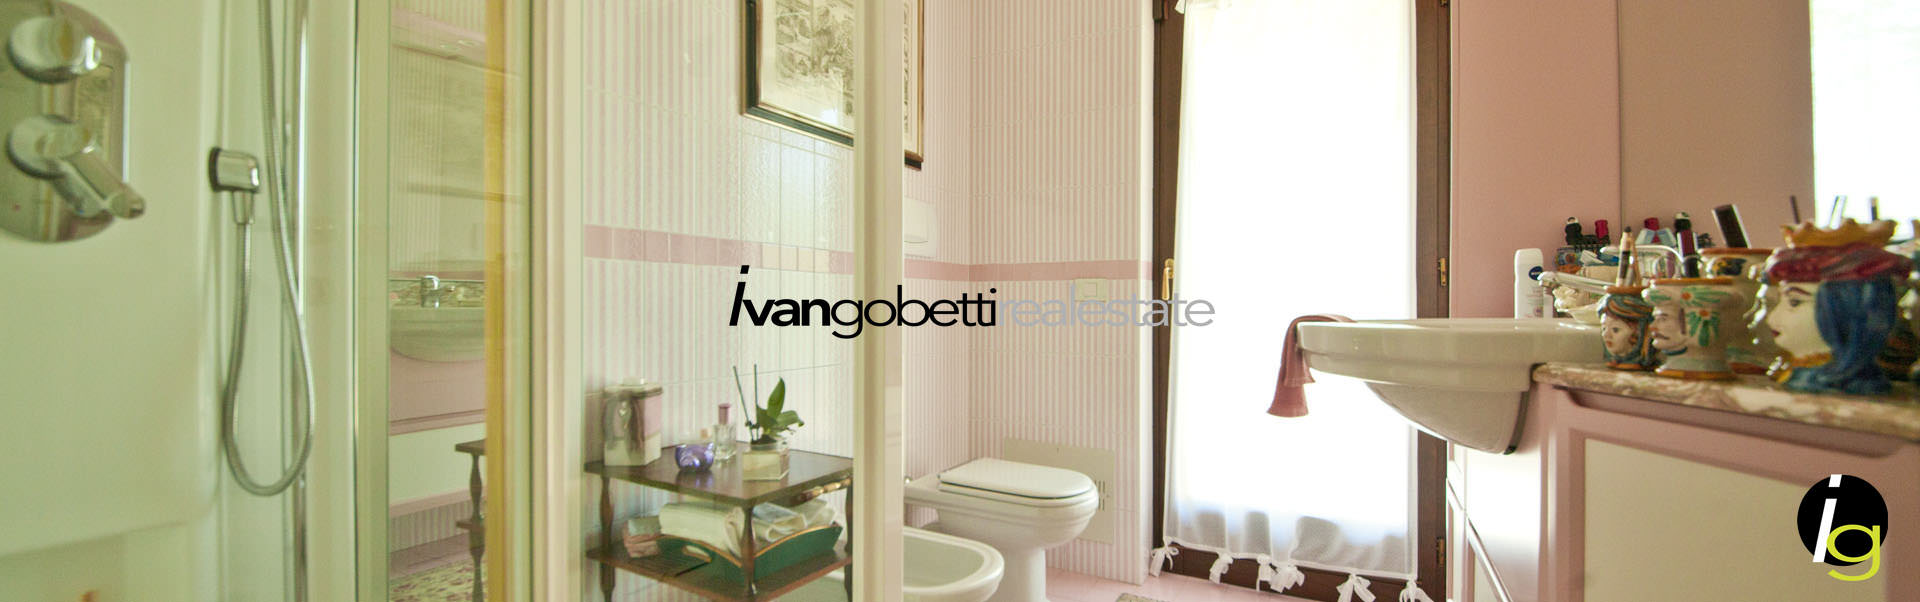 Luino, Lago Maggiore Lussuosa Villa in vendita con parco botanico e piscina.